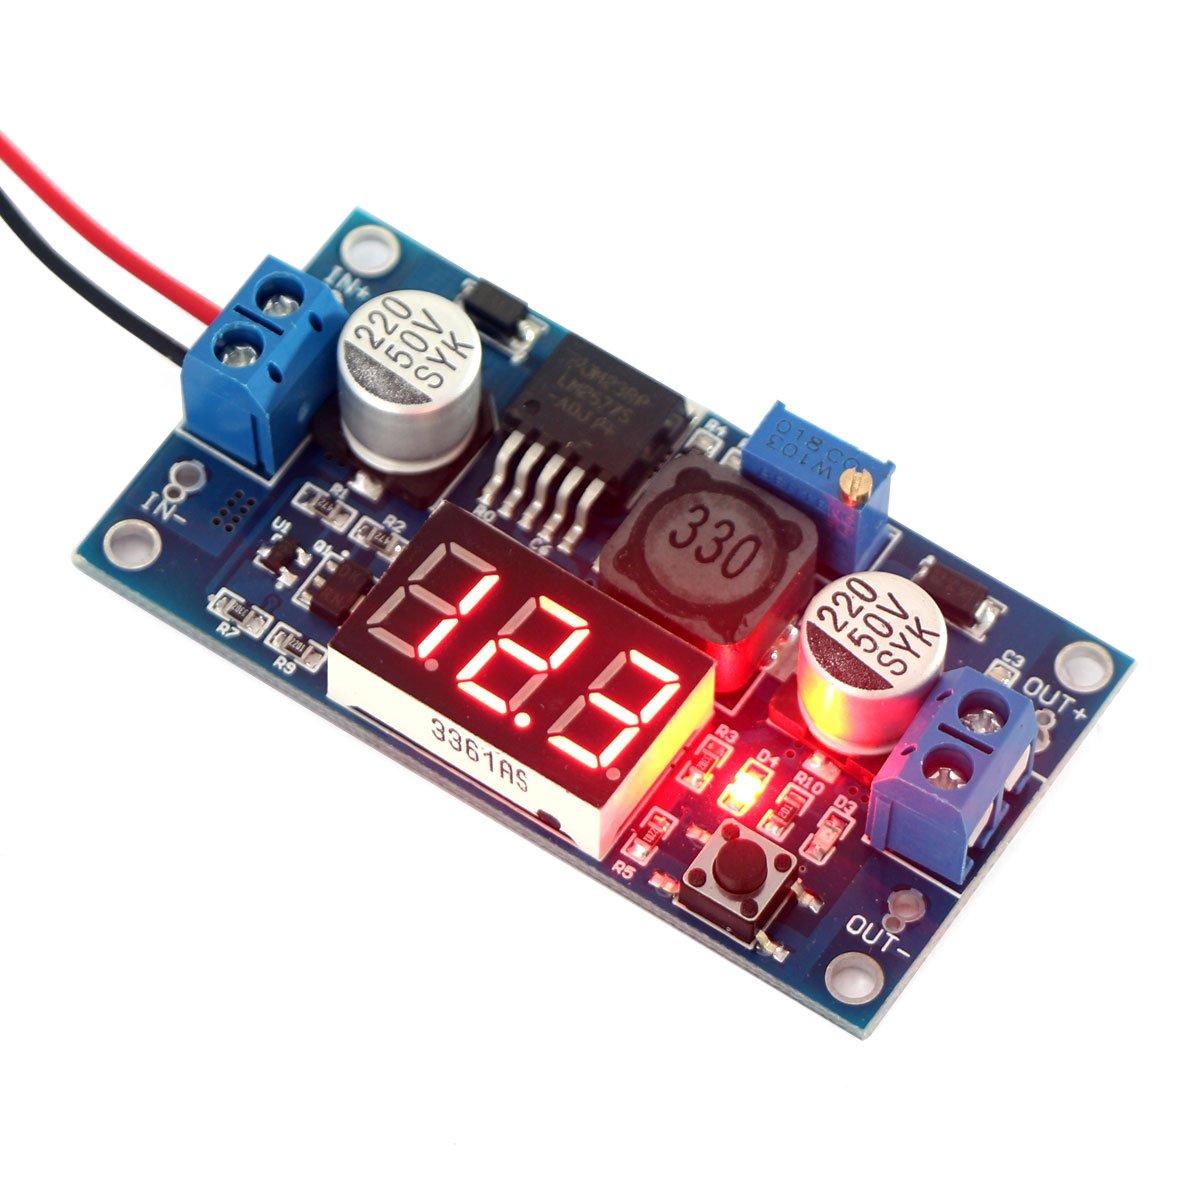 Drok Micro Led Dc Digital Boost Voltage Converter Lm2577 3 34v To 300v Variable High Power Supply Circuit Schematic 4 35v 5v 12v 25a Step Up Adjustable Volt Regulator Board Module